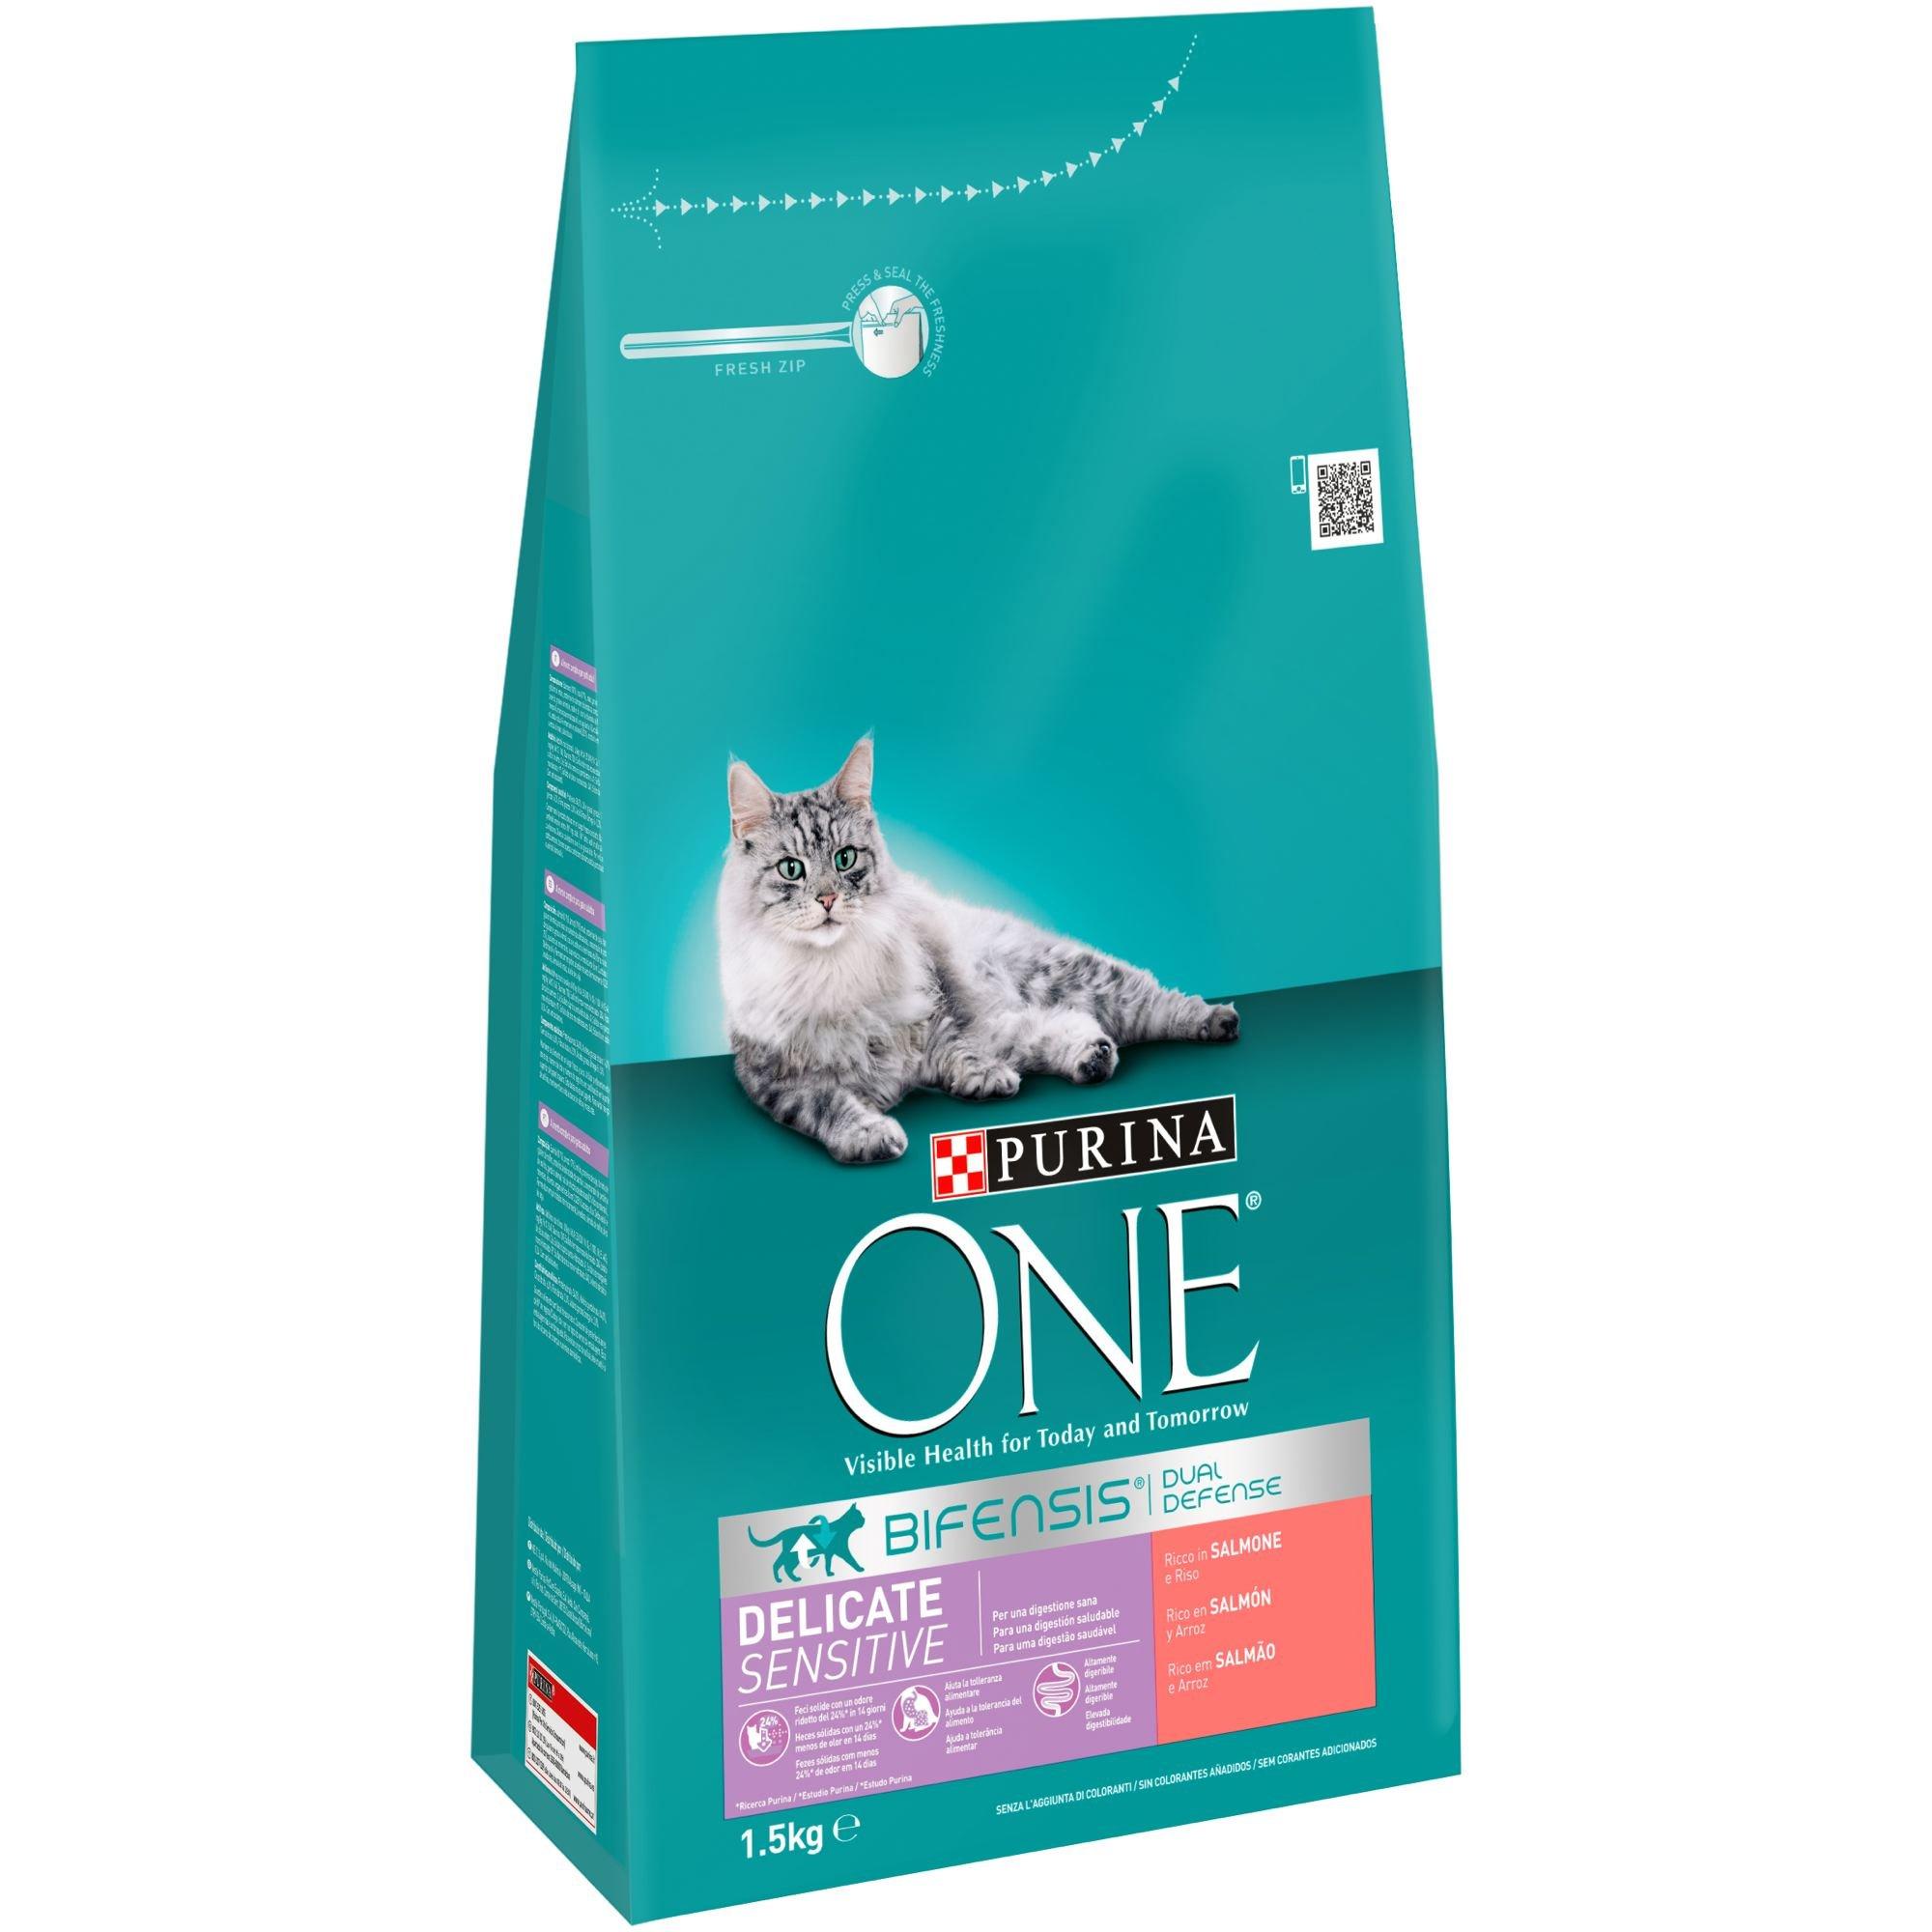 PURINA ONE Bifensis Pienso para Gatos con la Digestión Sensible Salmón y Cereales 6 x 1,5 Kg